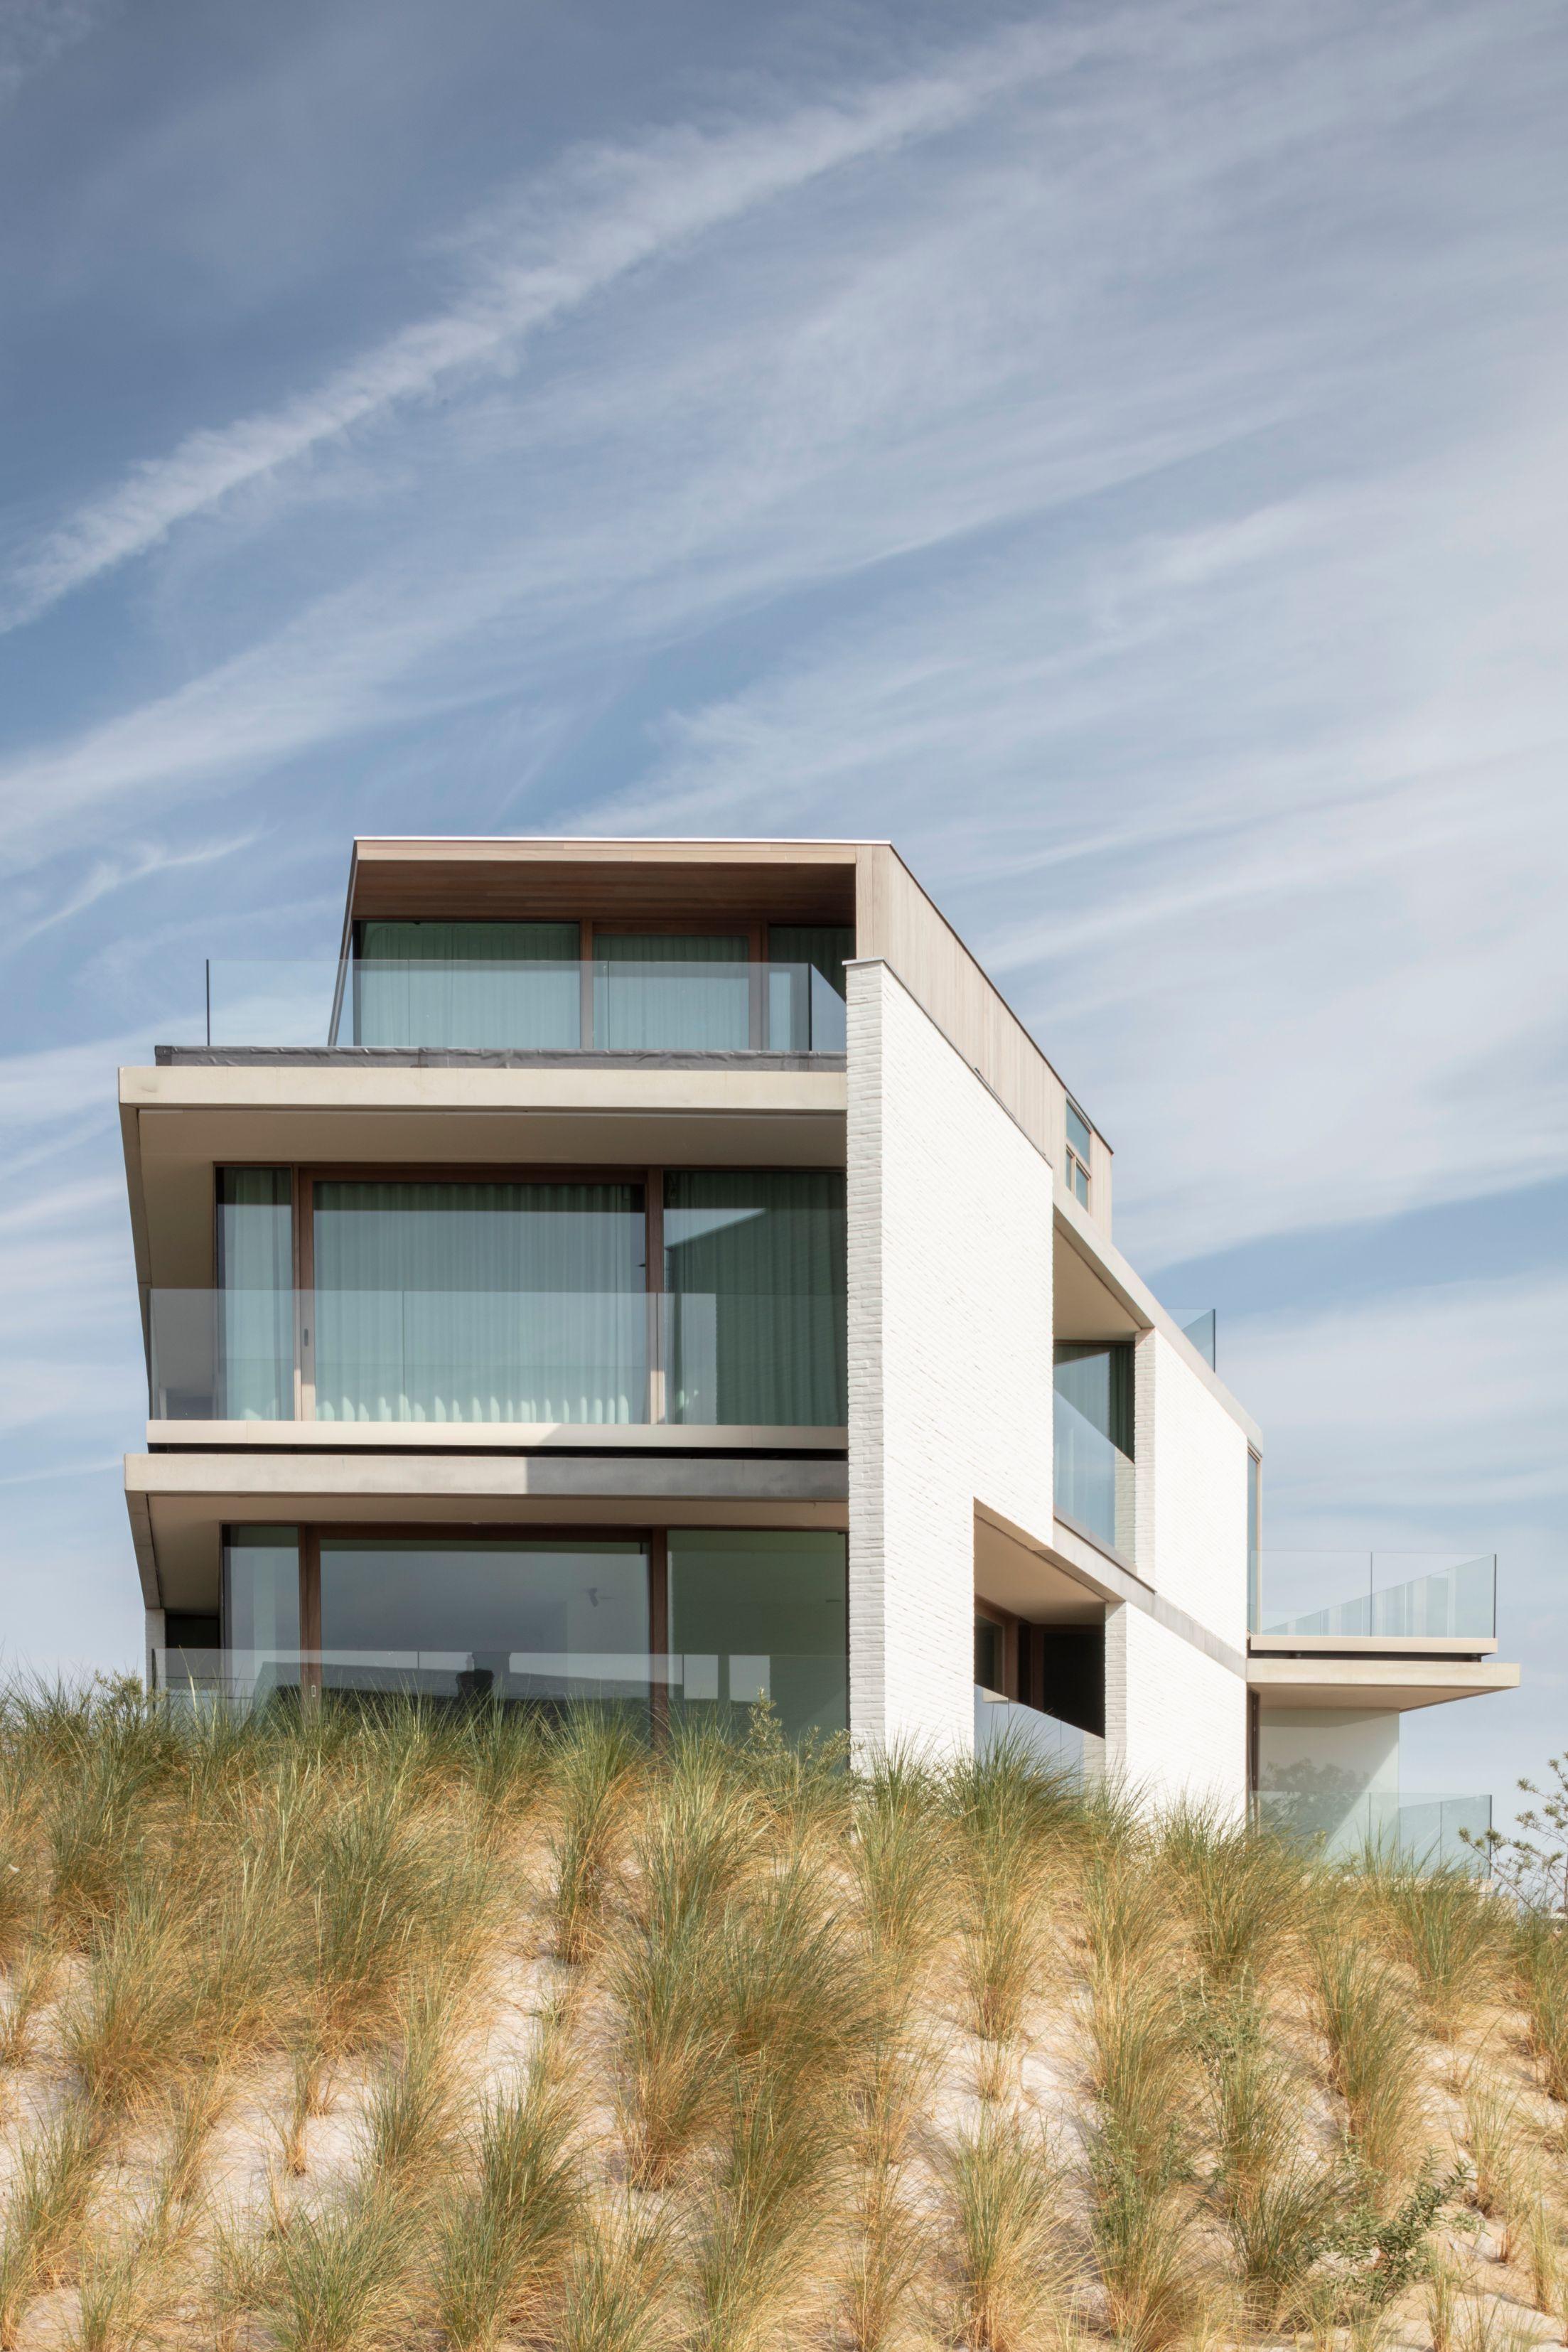 Hans Wegner - Rietveldprojects - Koksijde - Tvdv12.jpg